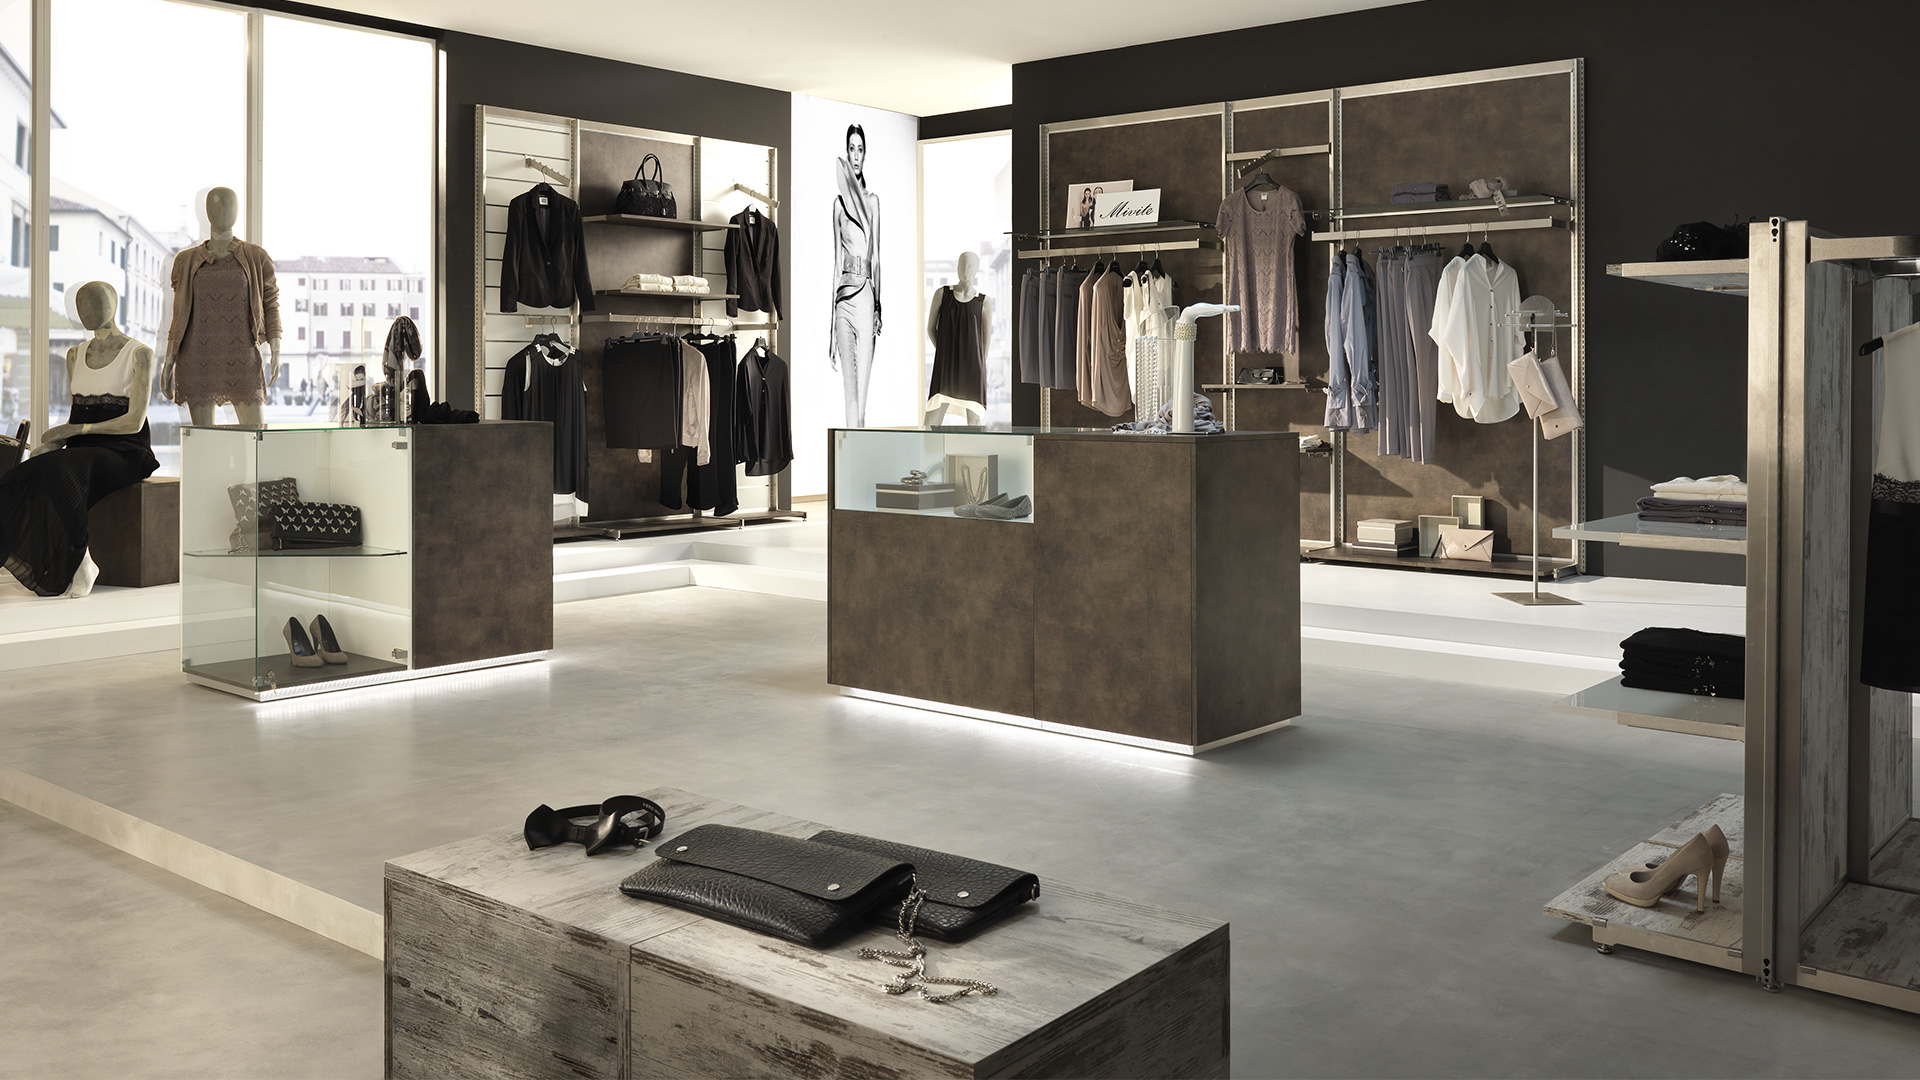 Ambiente Abbigliamento 3 - Arken